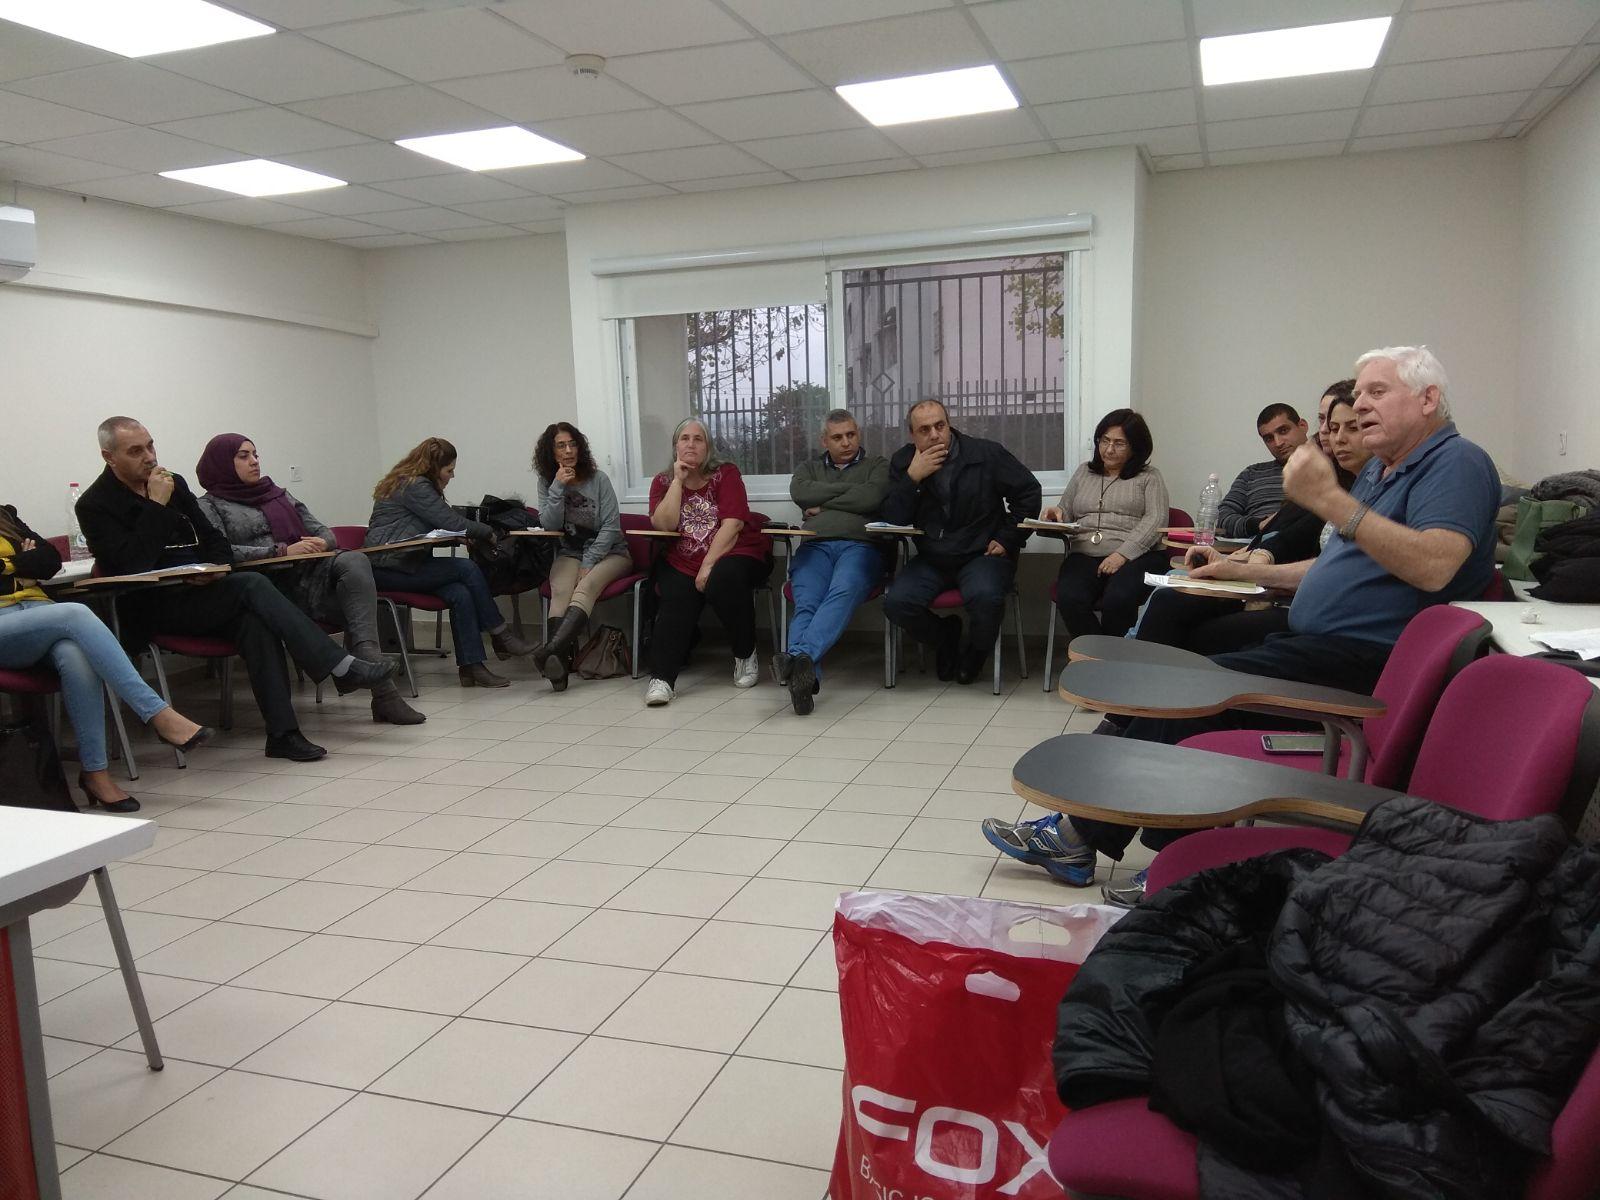 קורס תקשורת מקרבת ורב תרבותיות למורים ערבים ויהודים יחד2